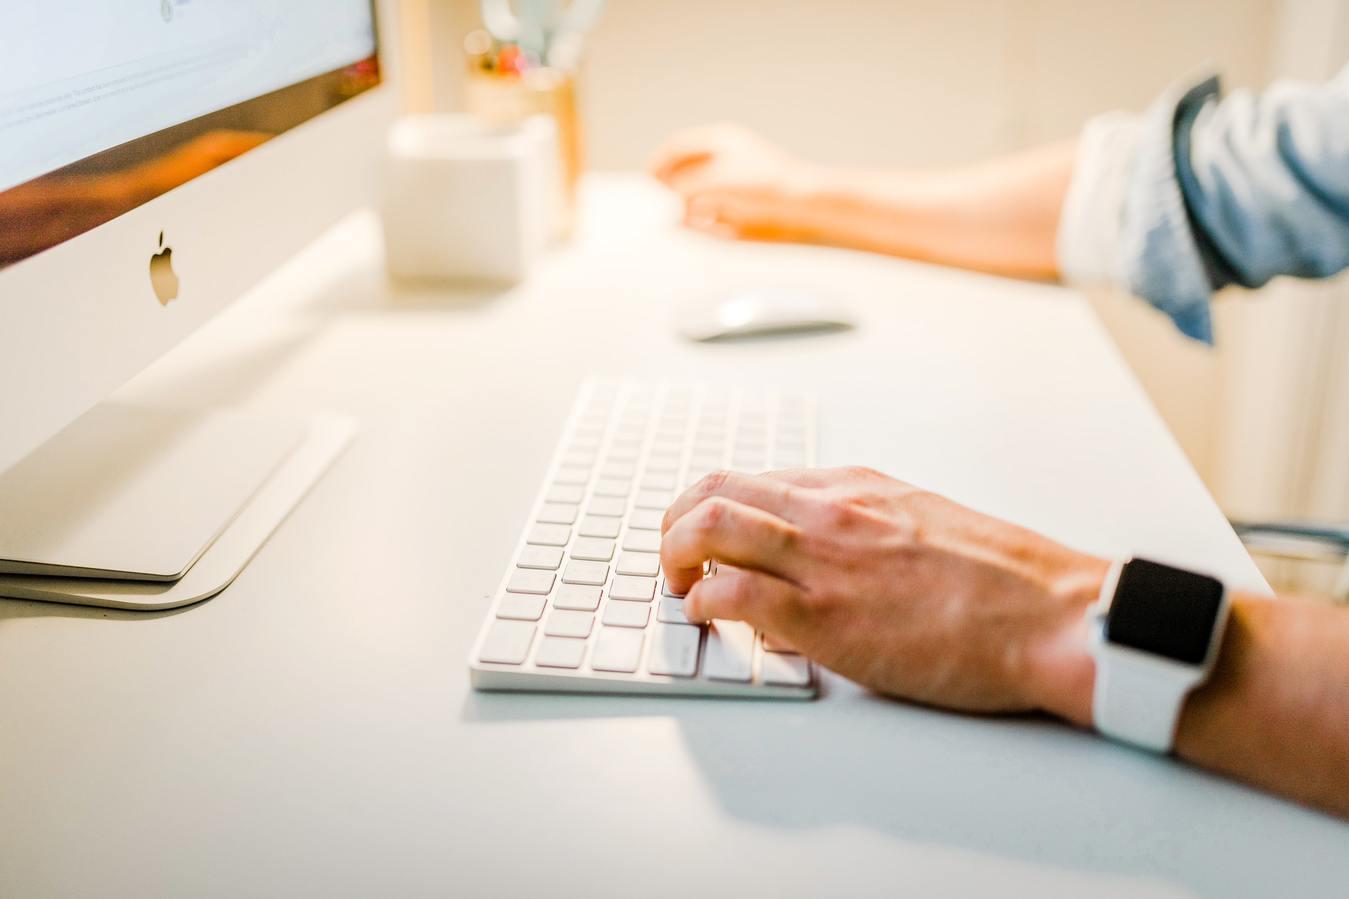 pria bekerja menggunakan komputer desktop